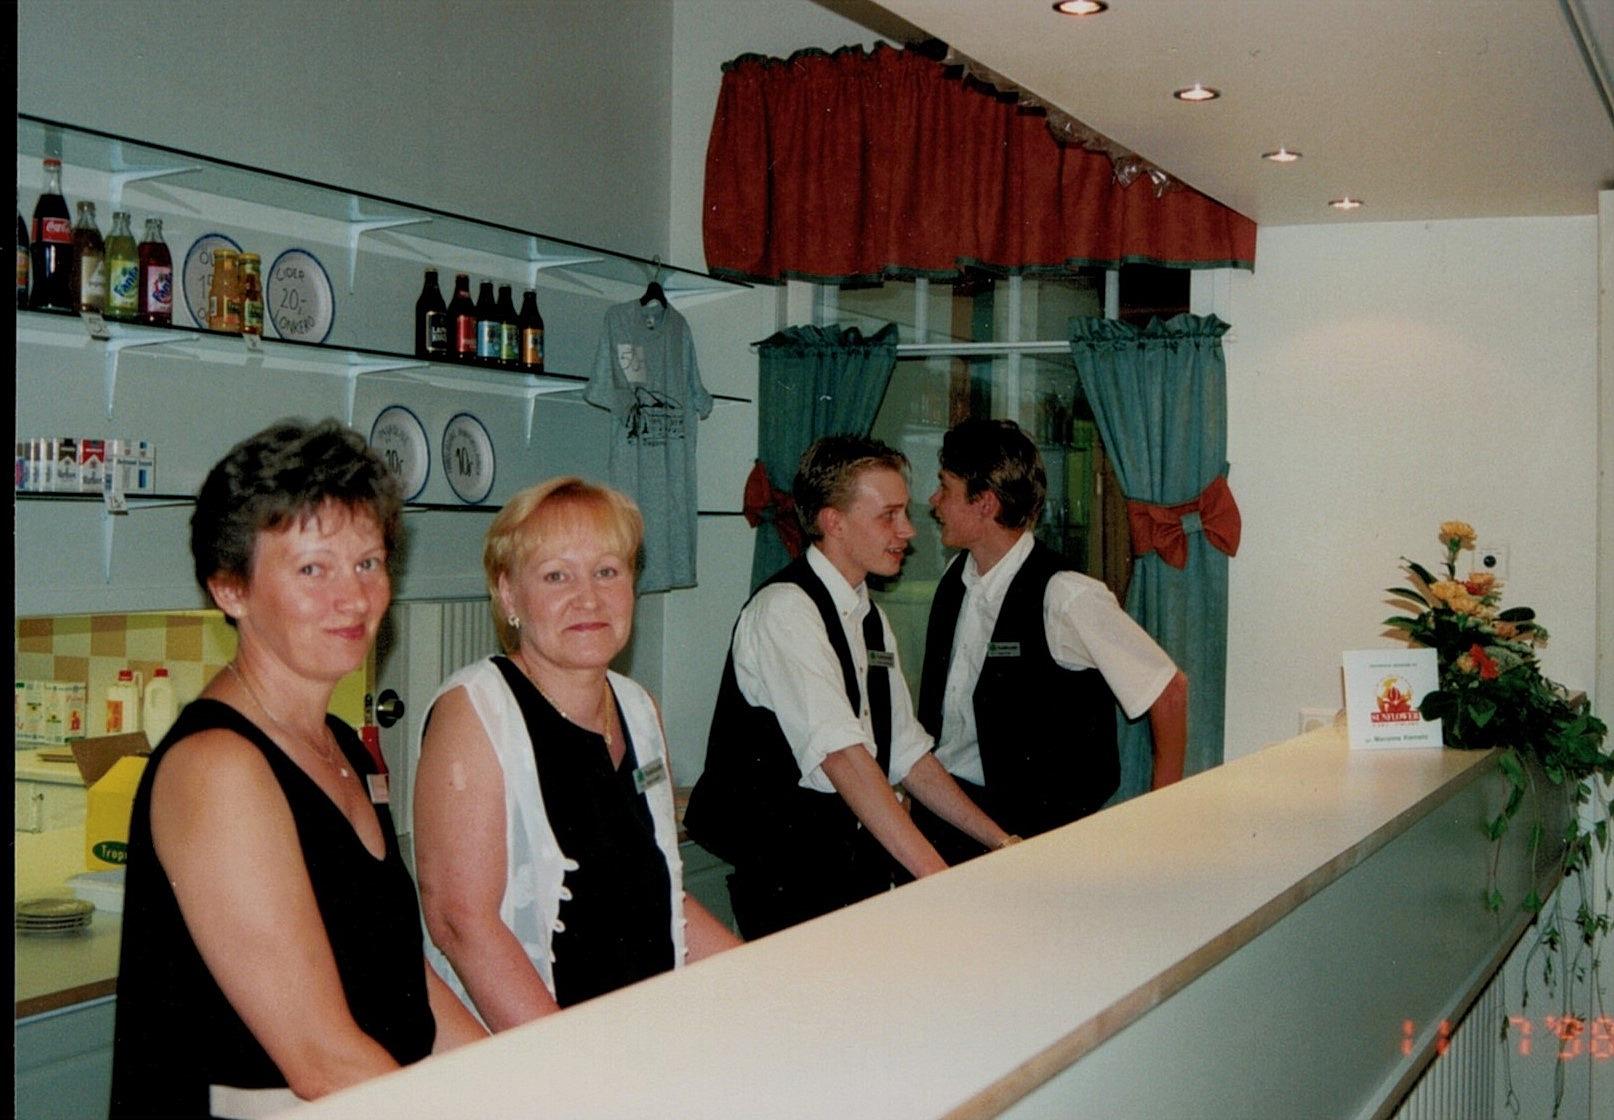 Ann-Christine Lundell, Tuula Lundell, Niklas Rosengren och Jonas Lind står färdiga bakom serveringsdisken vid lördagens danstillställning.